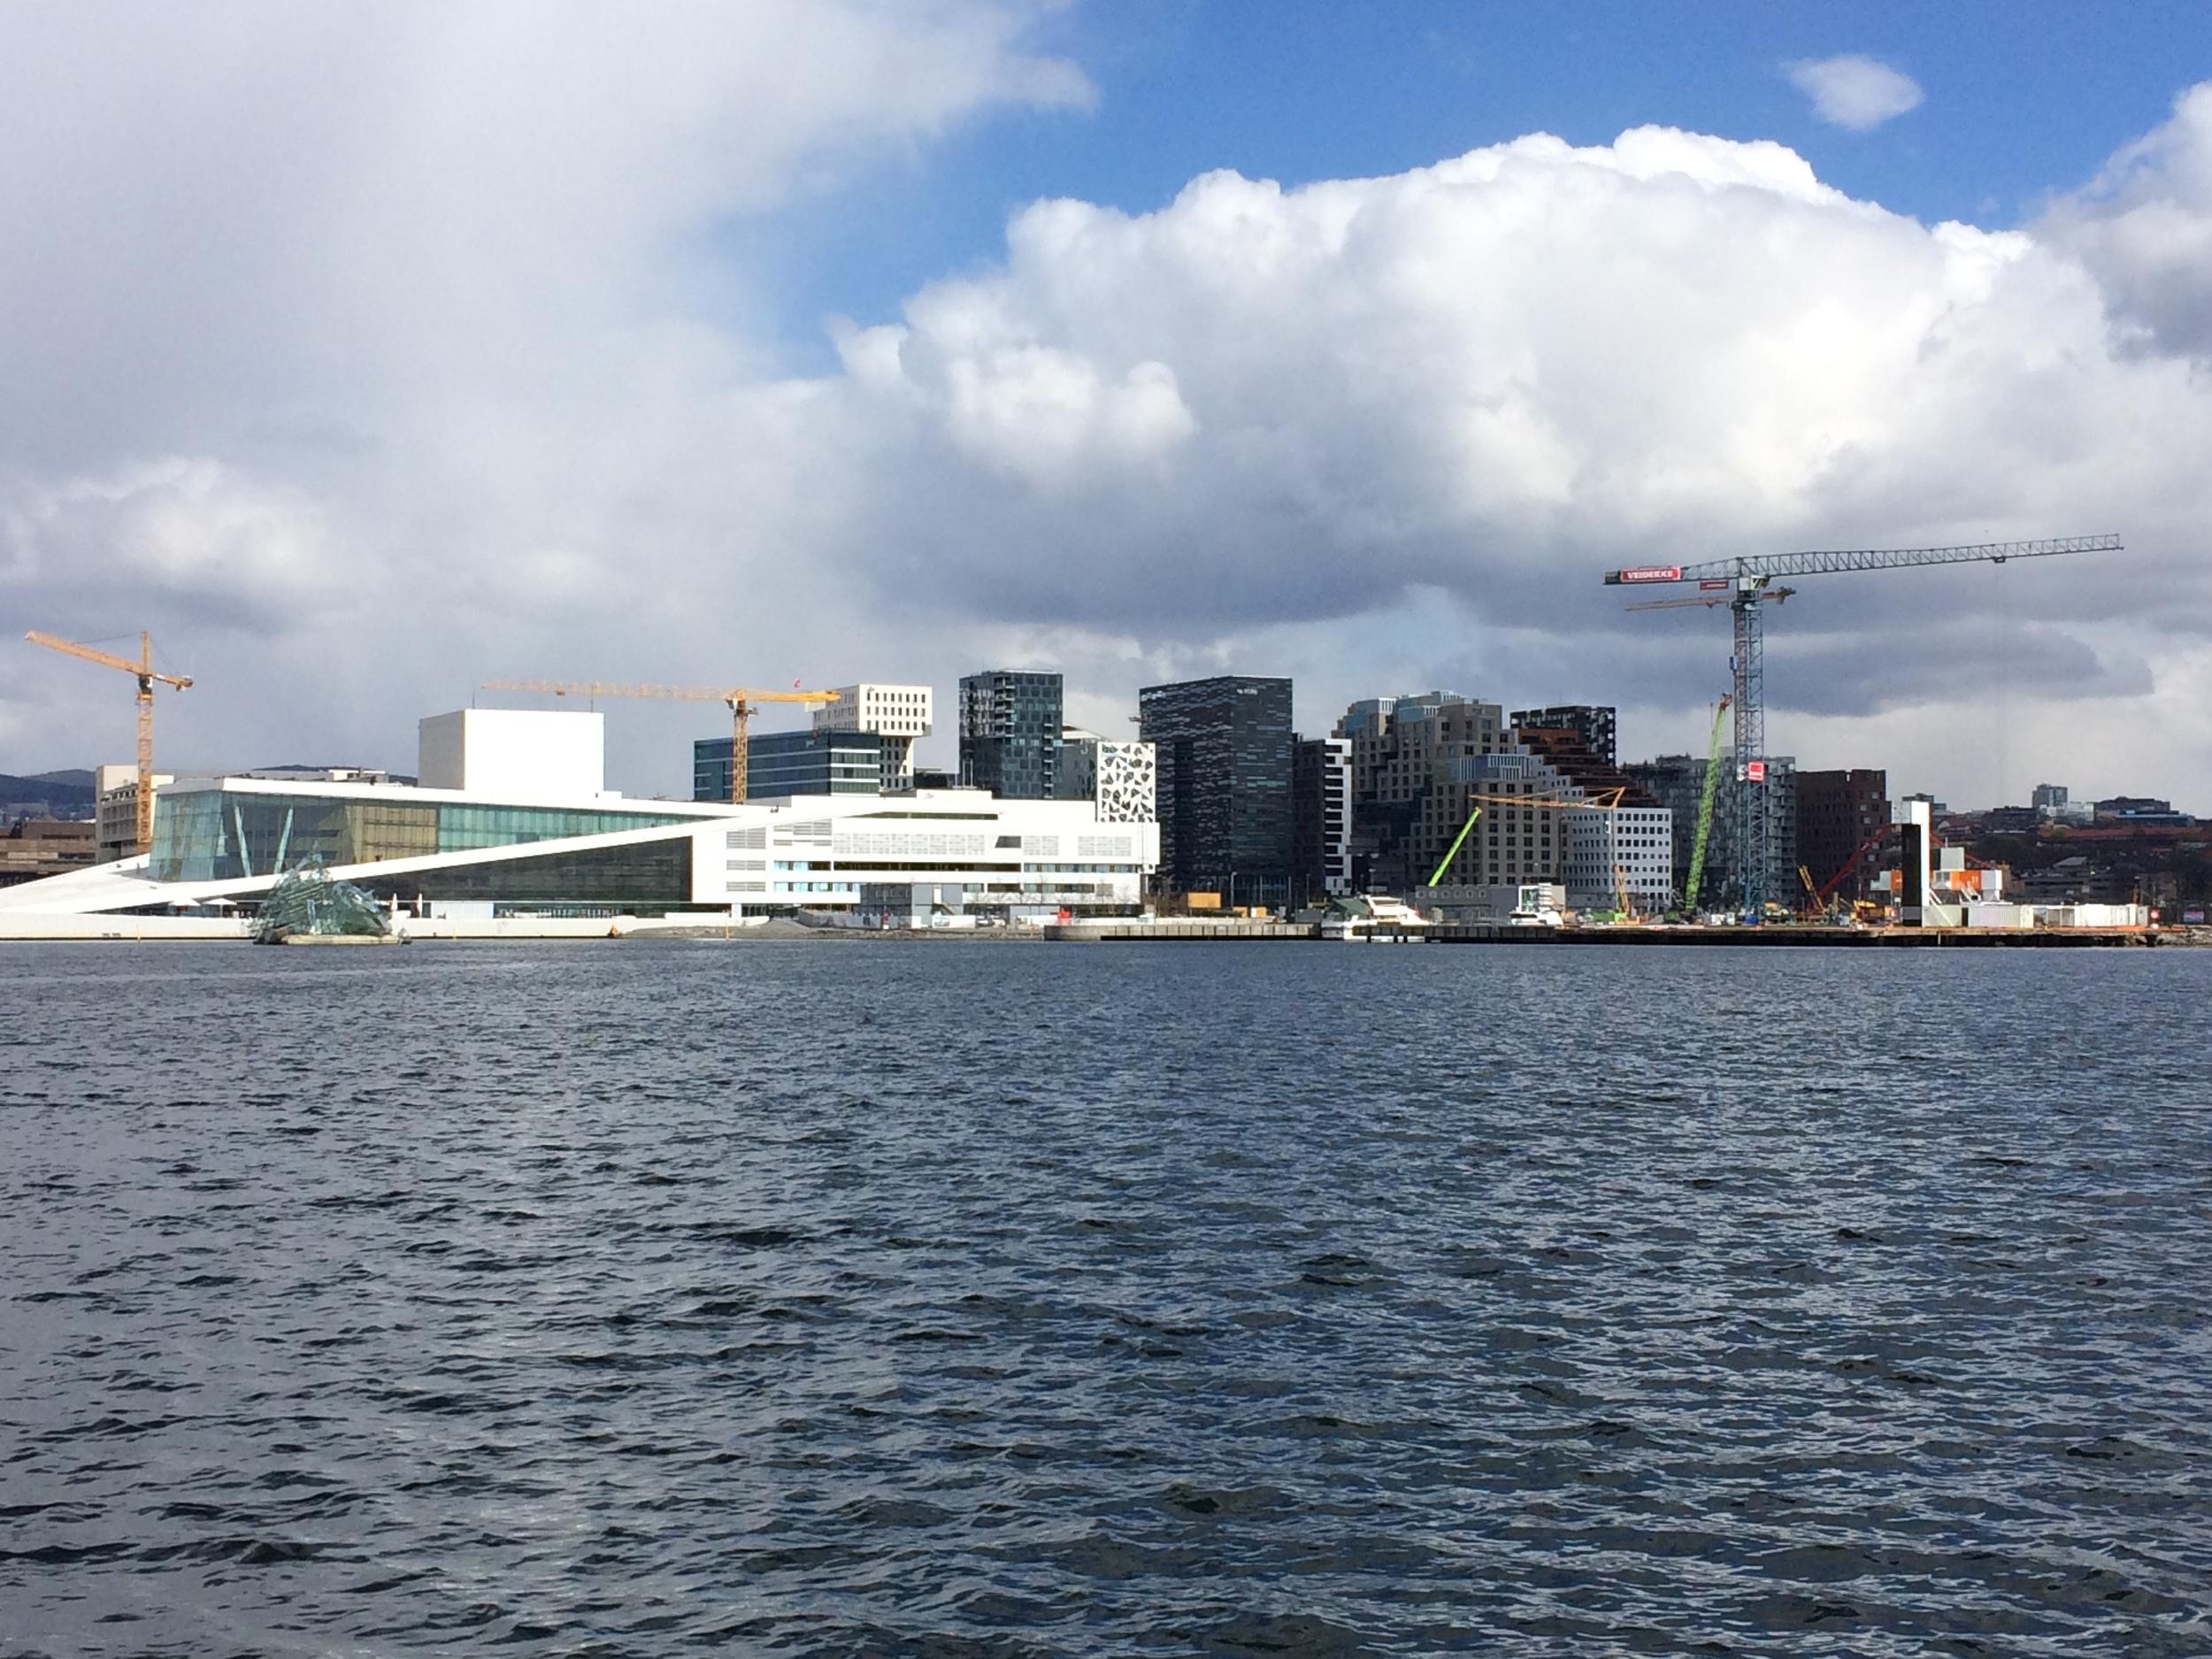 Oslo Opera House & Bar Code